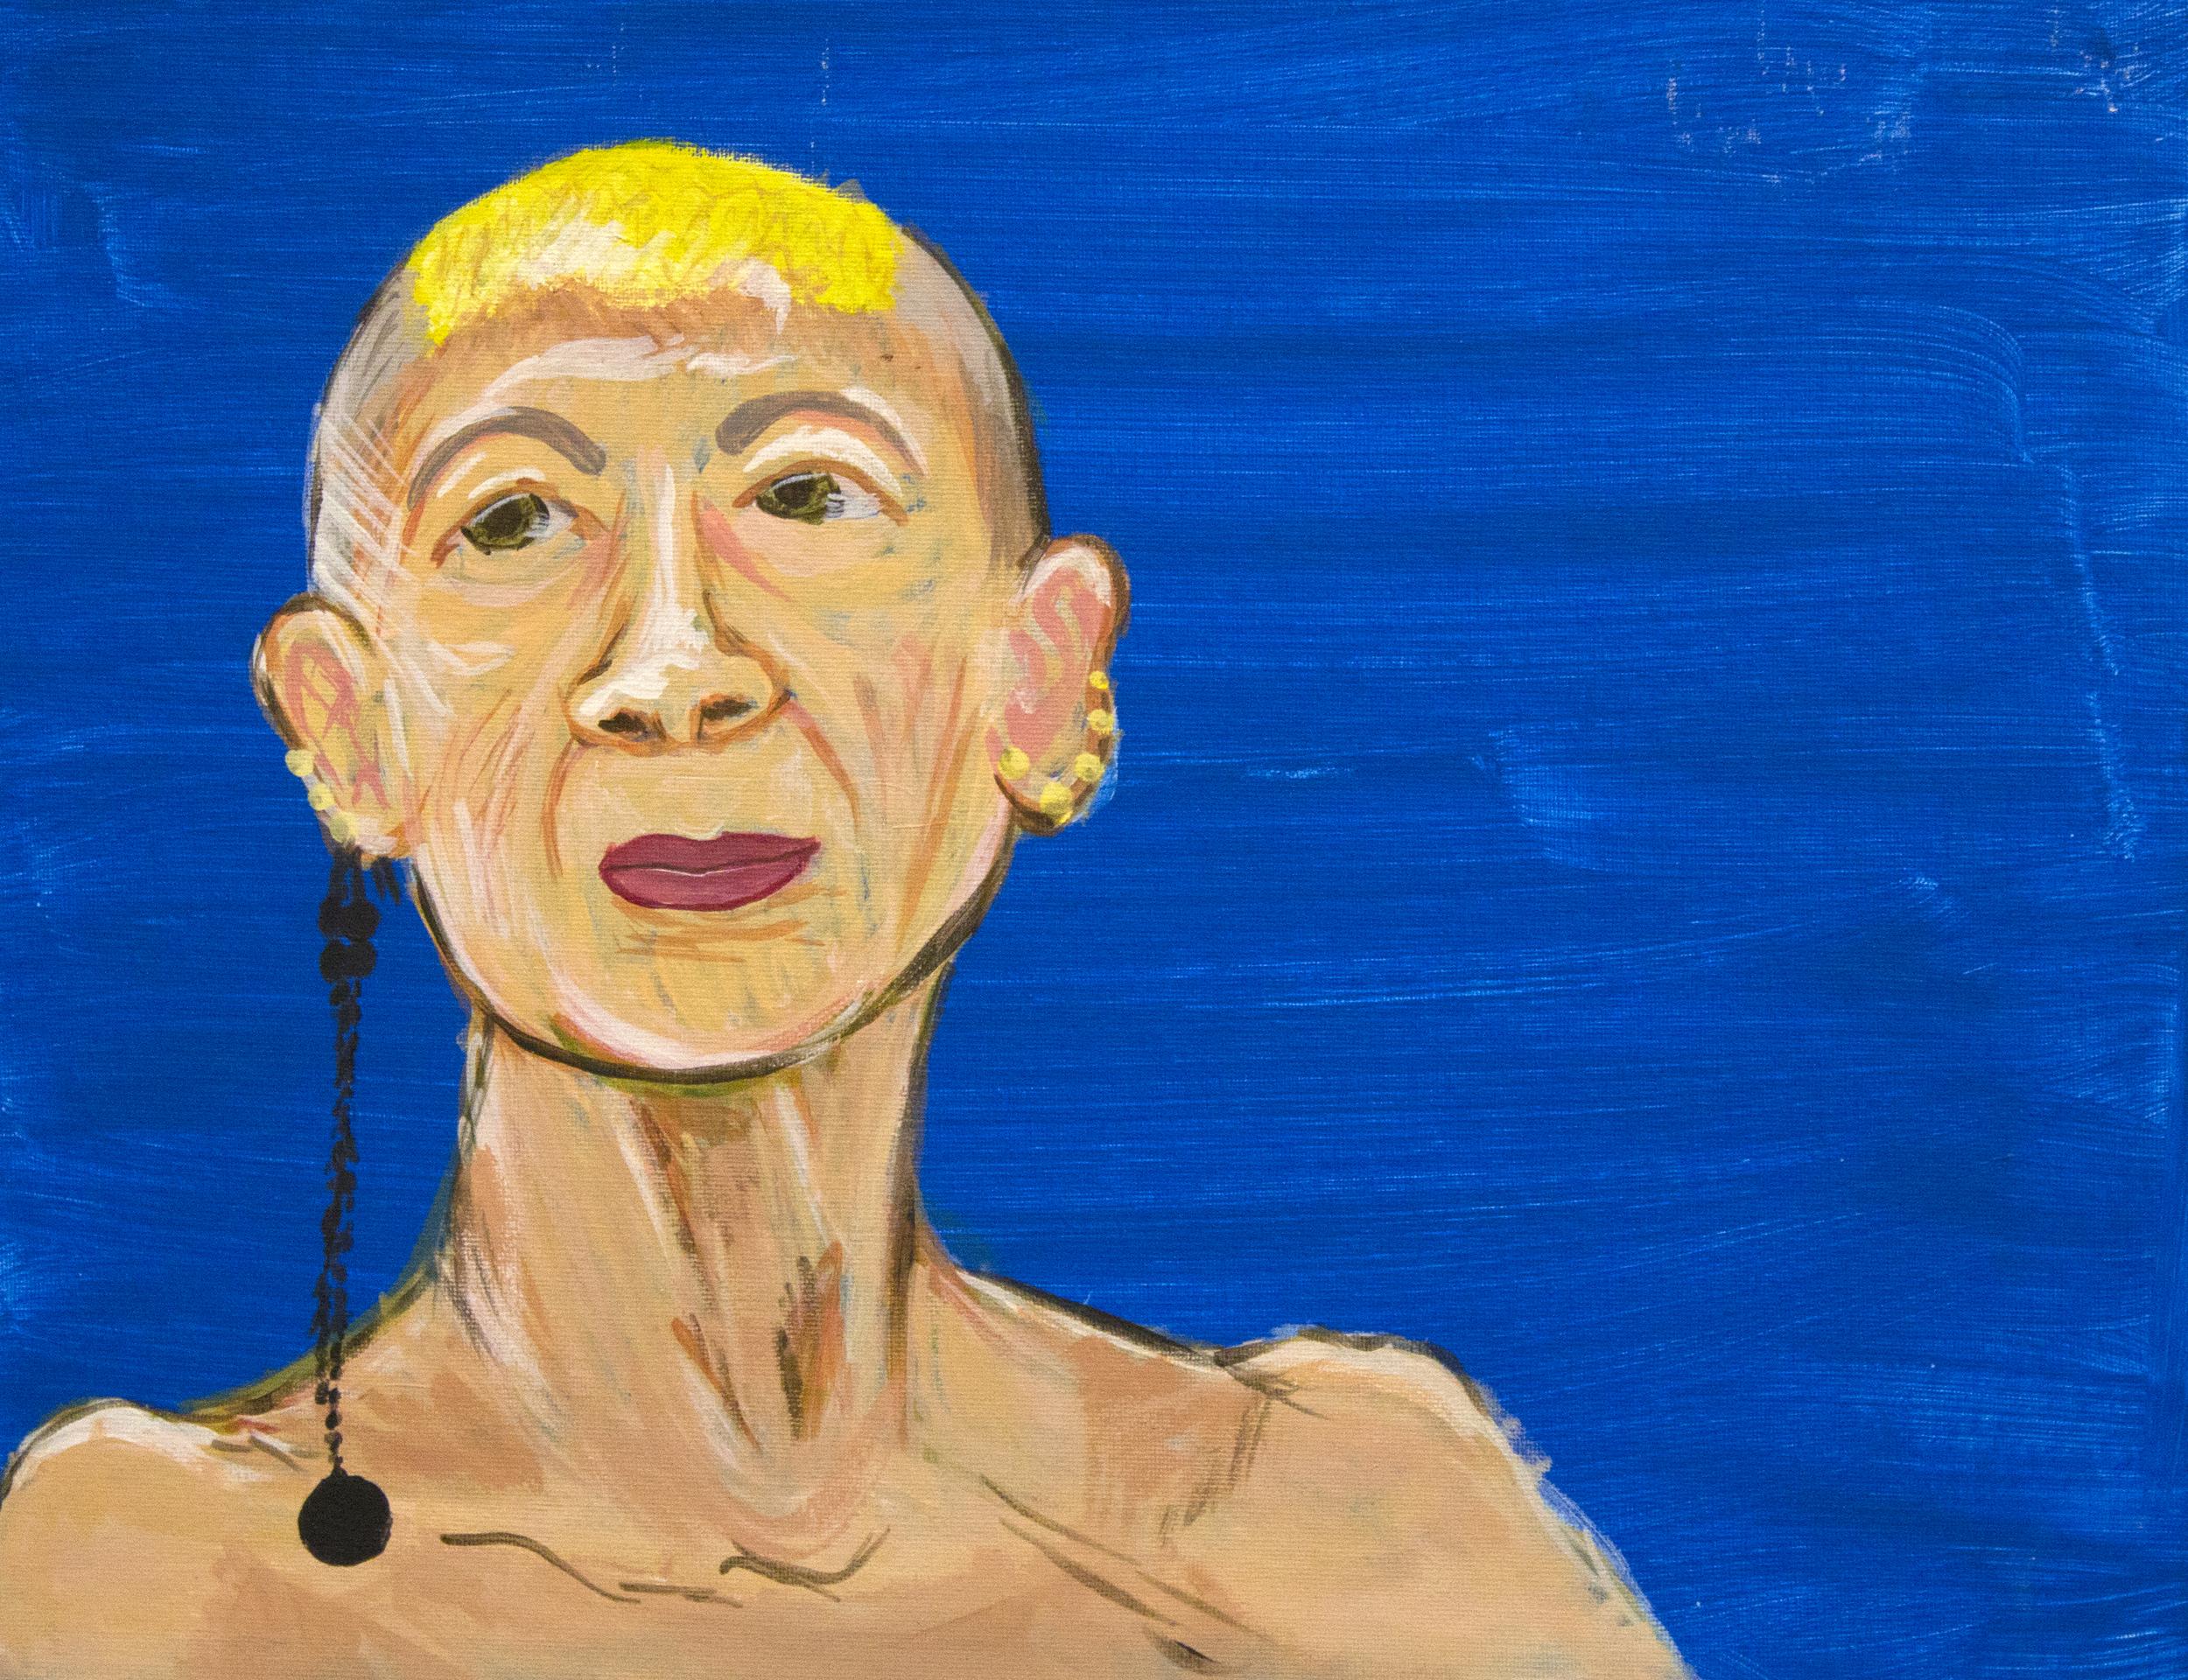 Ellen  2012, acrylic on canvas, 16in x 24in